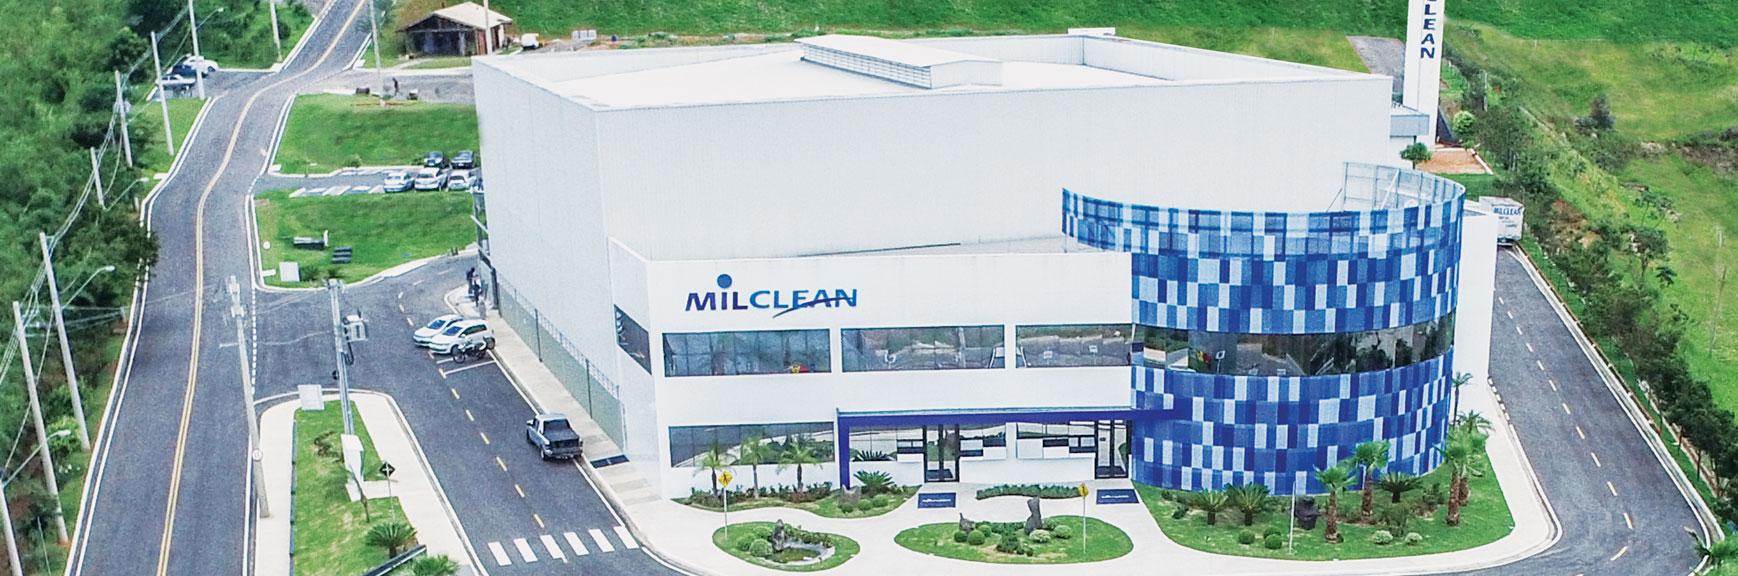 foto aérea da equipe milclean